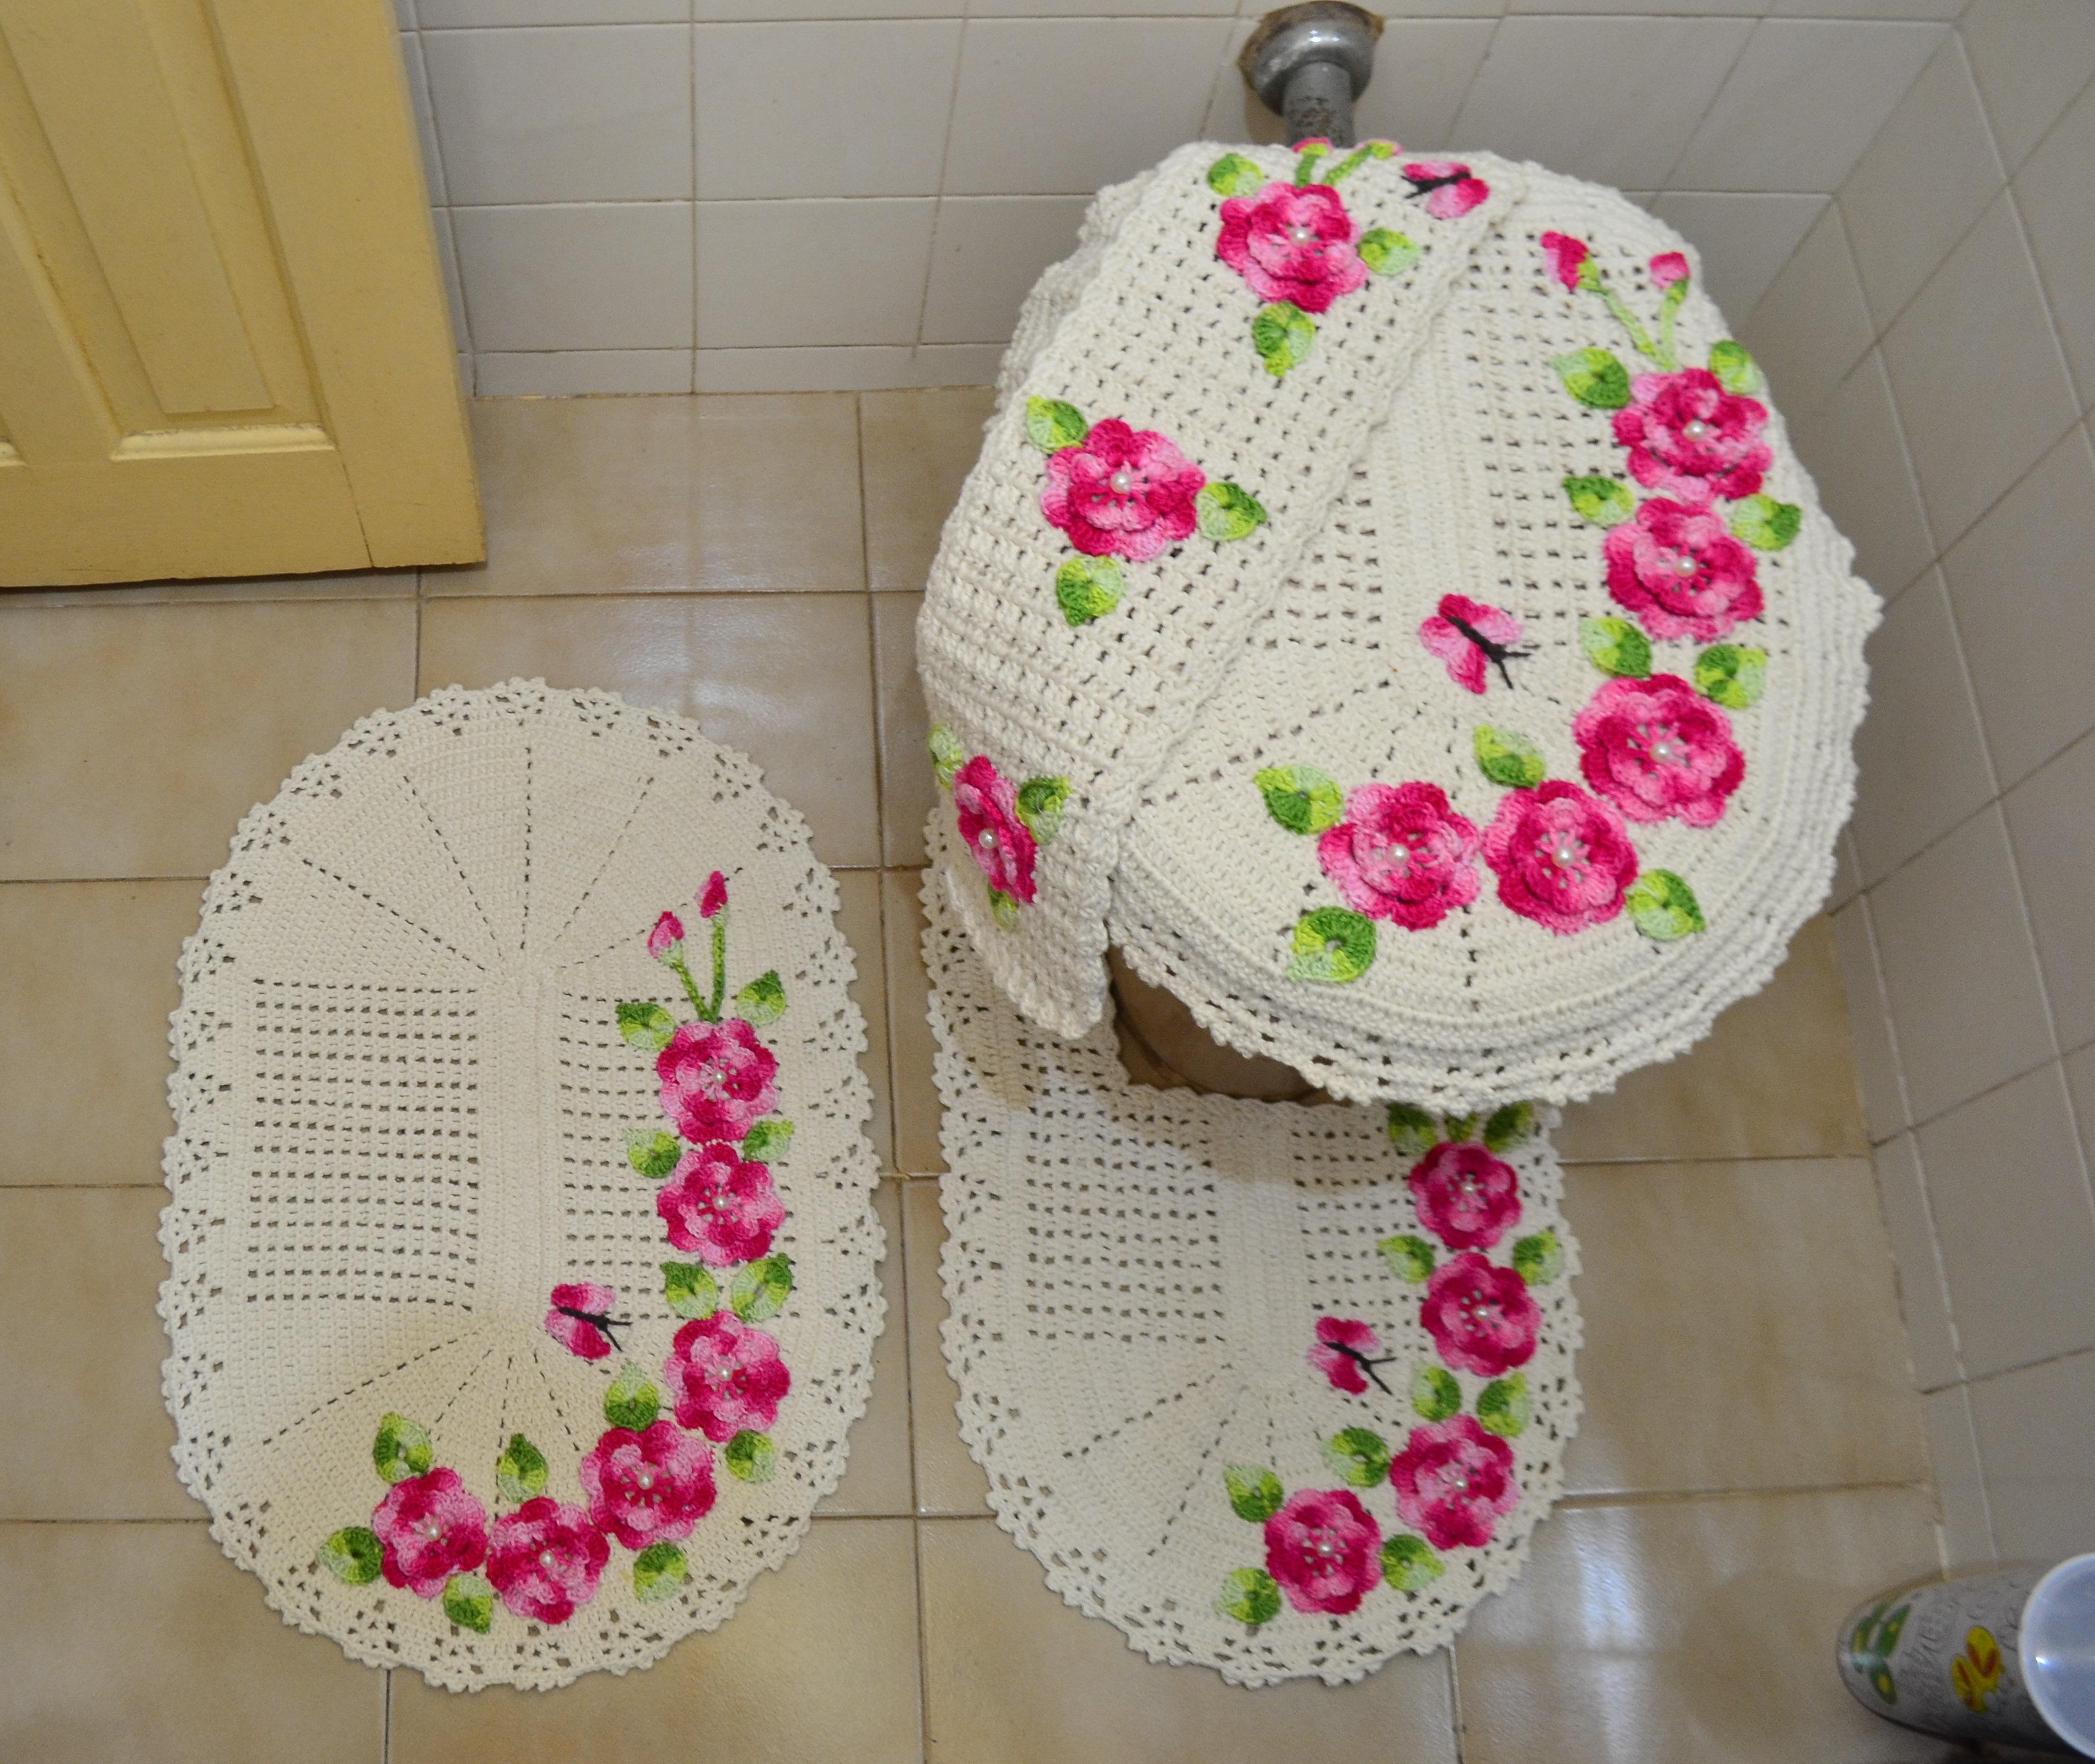 Jogo de banheiro 4 peças  Ateliê da Lica  Elo7 -> Tapete Para Banheiro Croche Simples